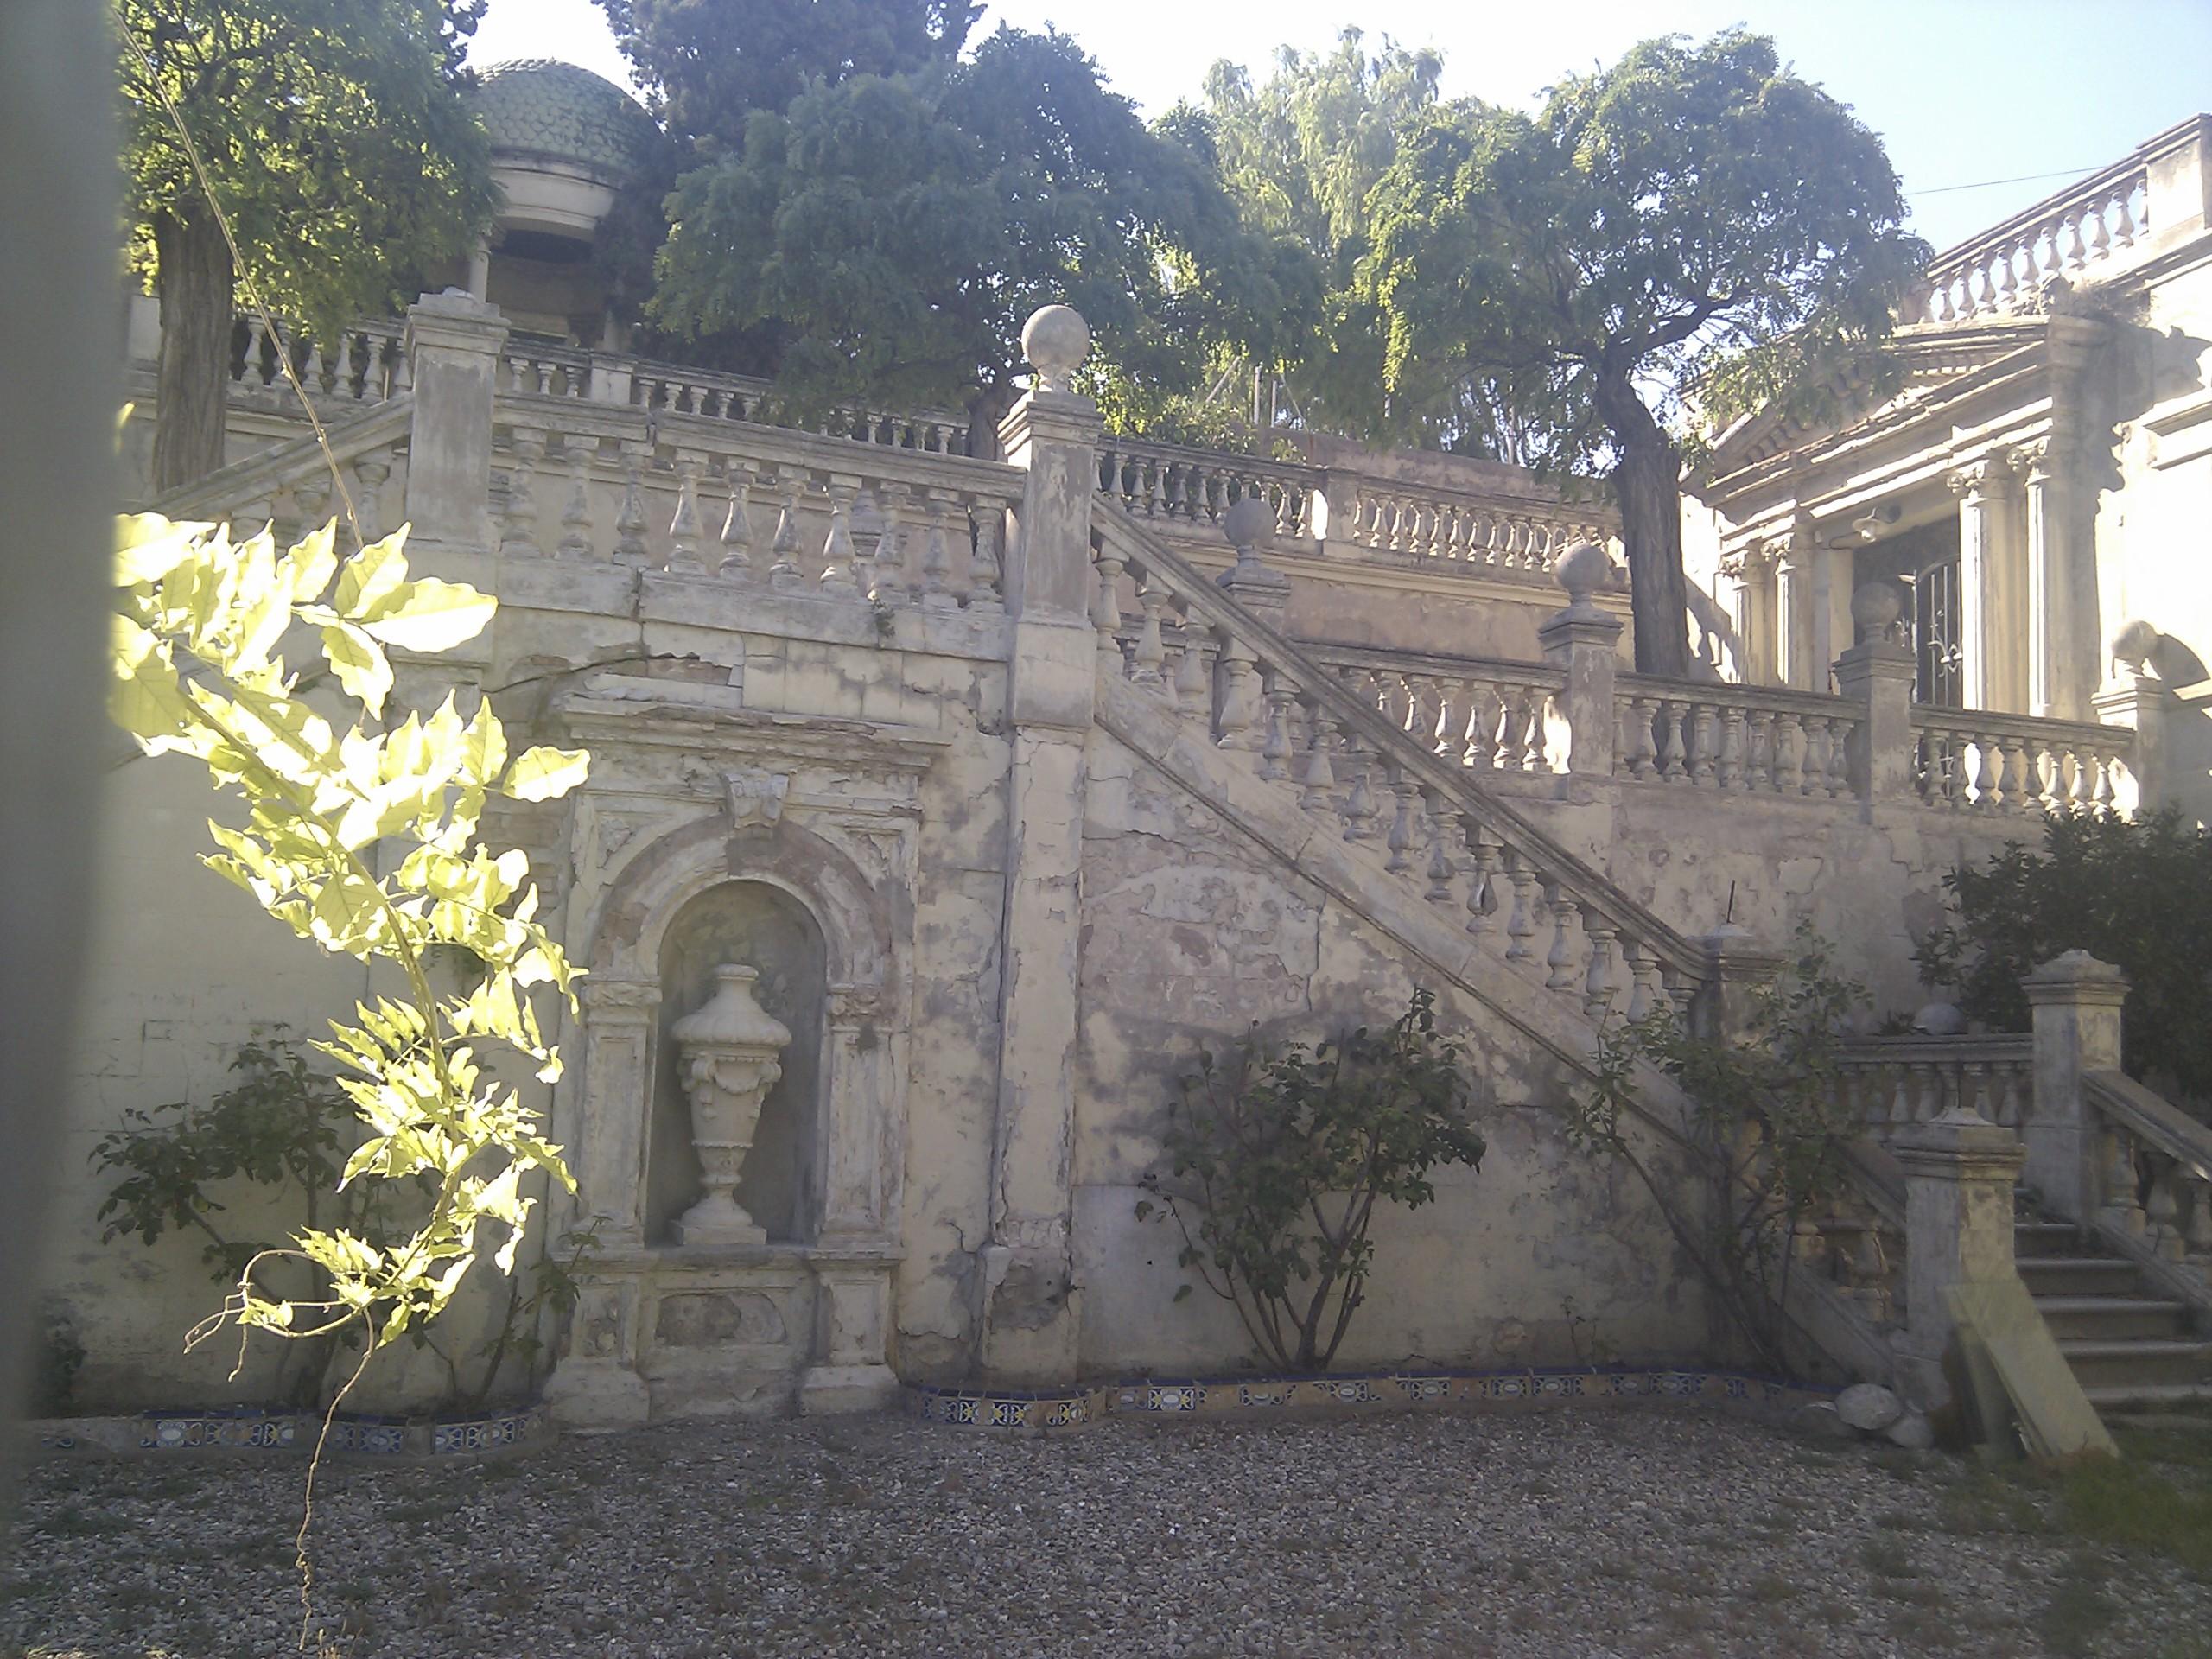 Sant Boi del Llobregat Spain  City pictures : Villa Rosita Sant Boi de Llobregat 2012 09 15 16 31 47